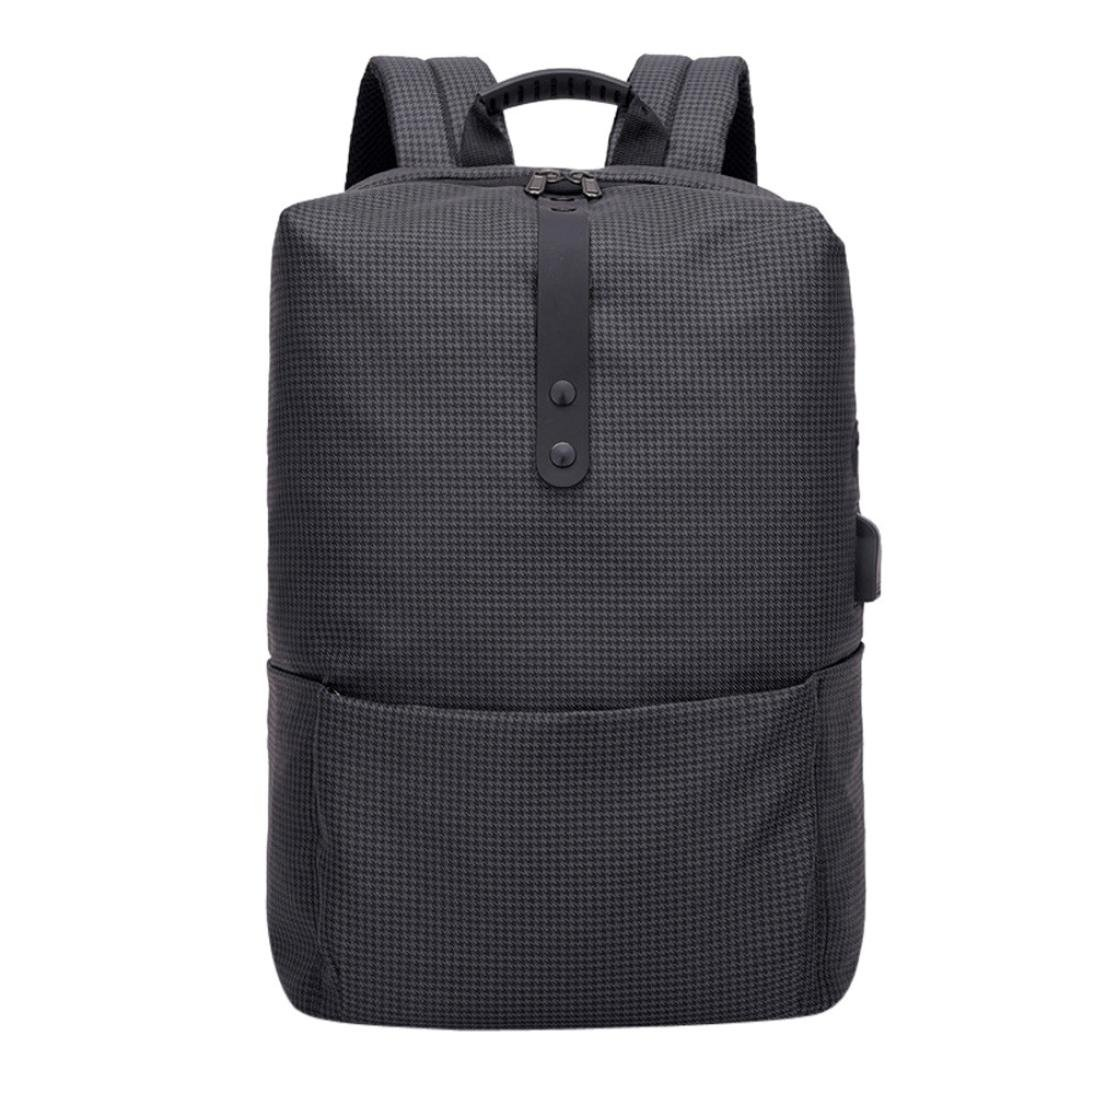 Zaino Casual Moda da Donna,Sonnena Zaino Schoolbag di Ricarica USB ad Alta Capacità Multifunzionale di Moda Zaino Anti-furto di Moda Borsa per Laptop ad Alta Capacità  Nero A